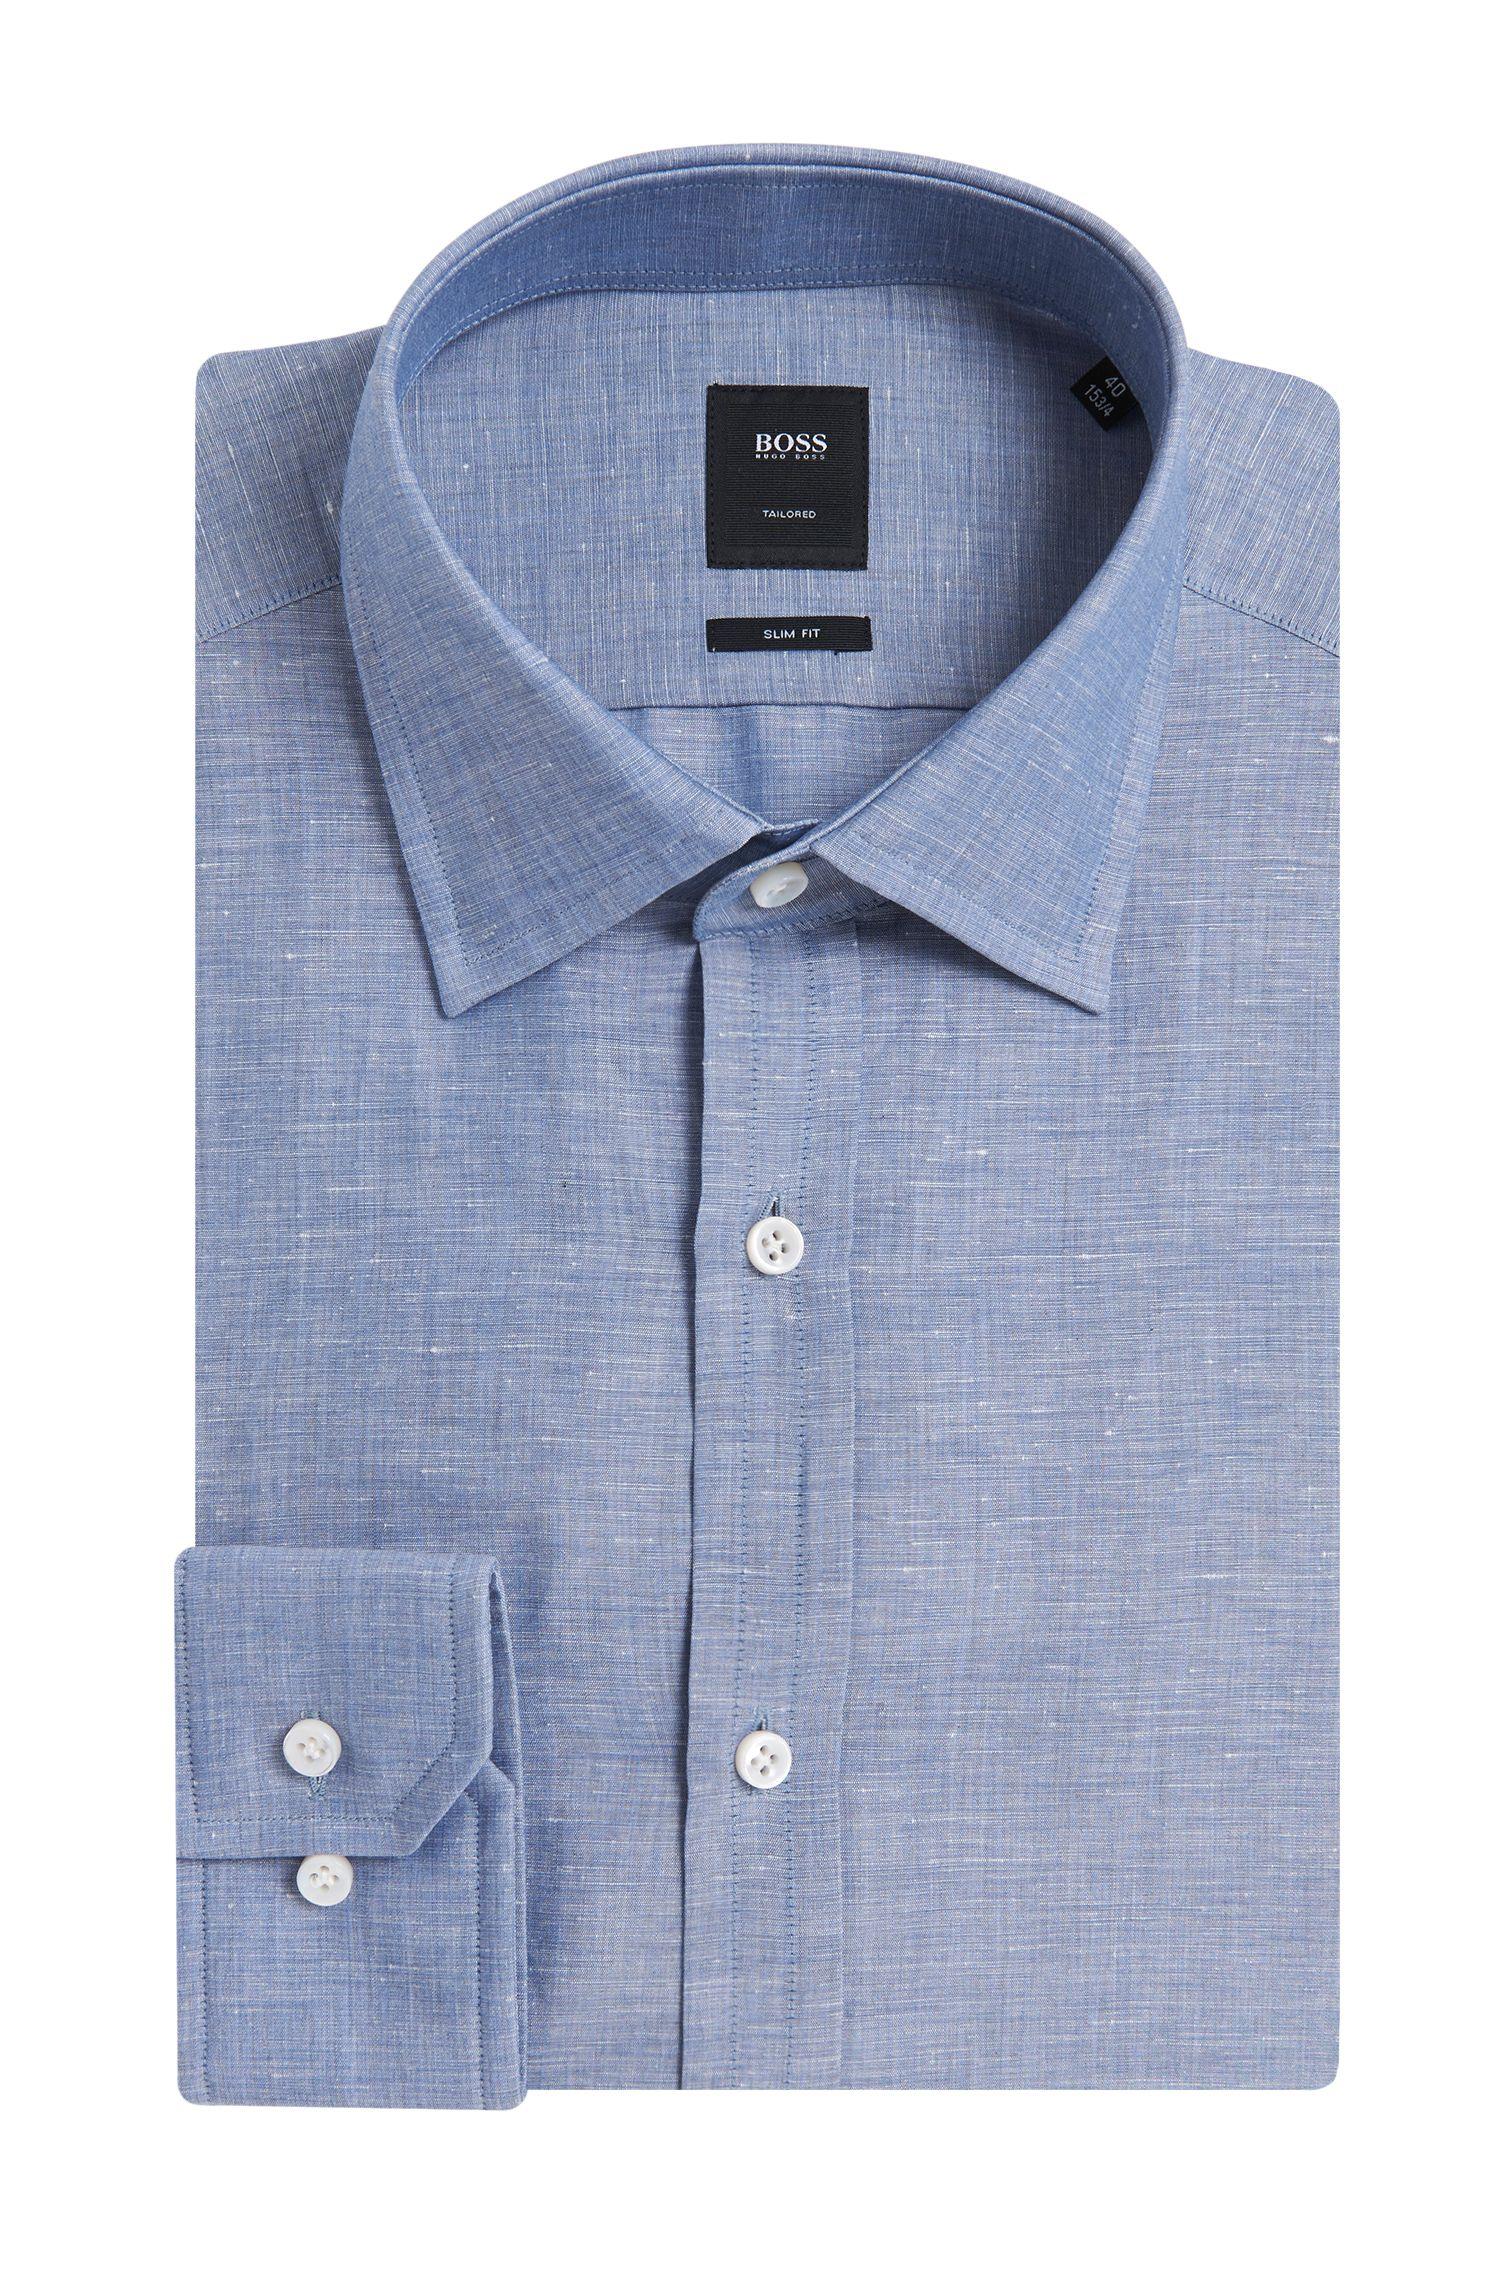 'T-Shane' | Slim Fit, Italian Linen Cotton Slub Dress Shirt